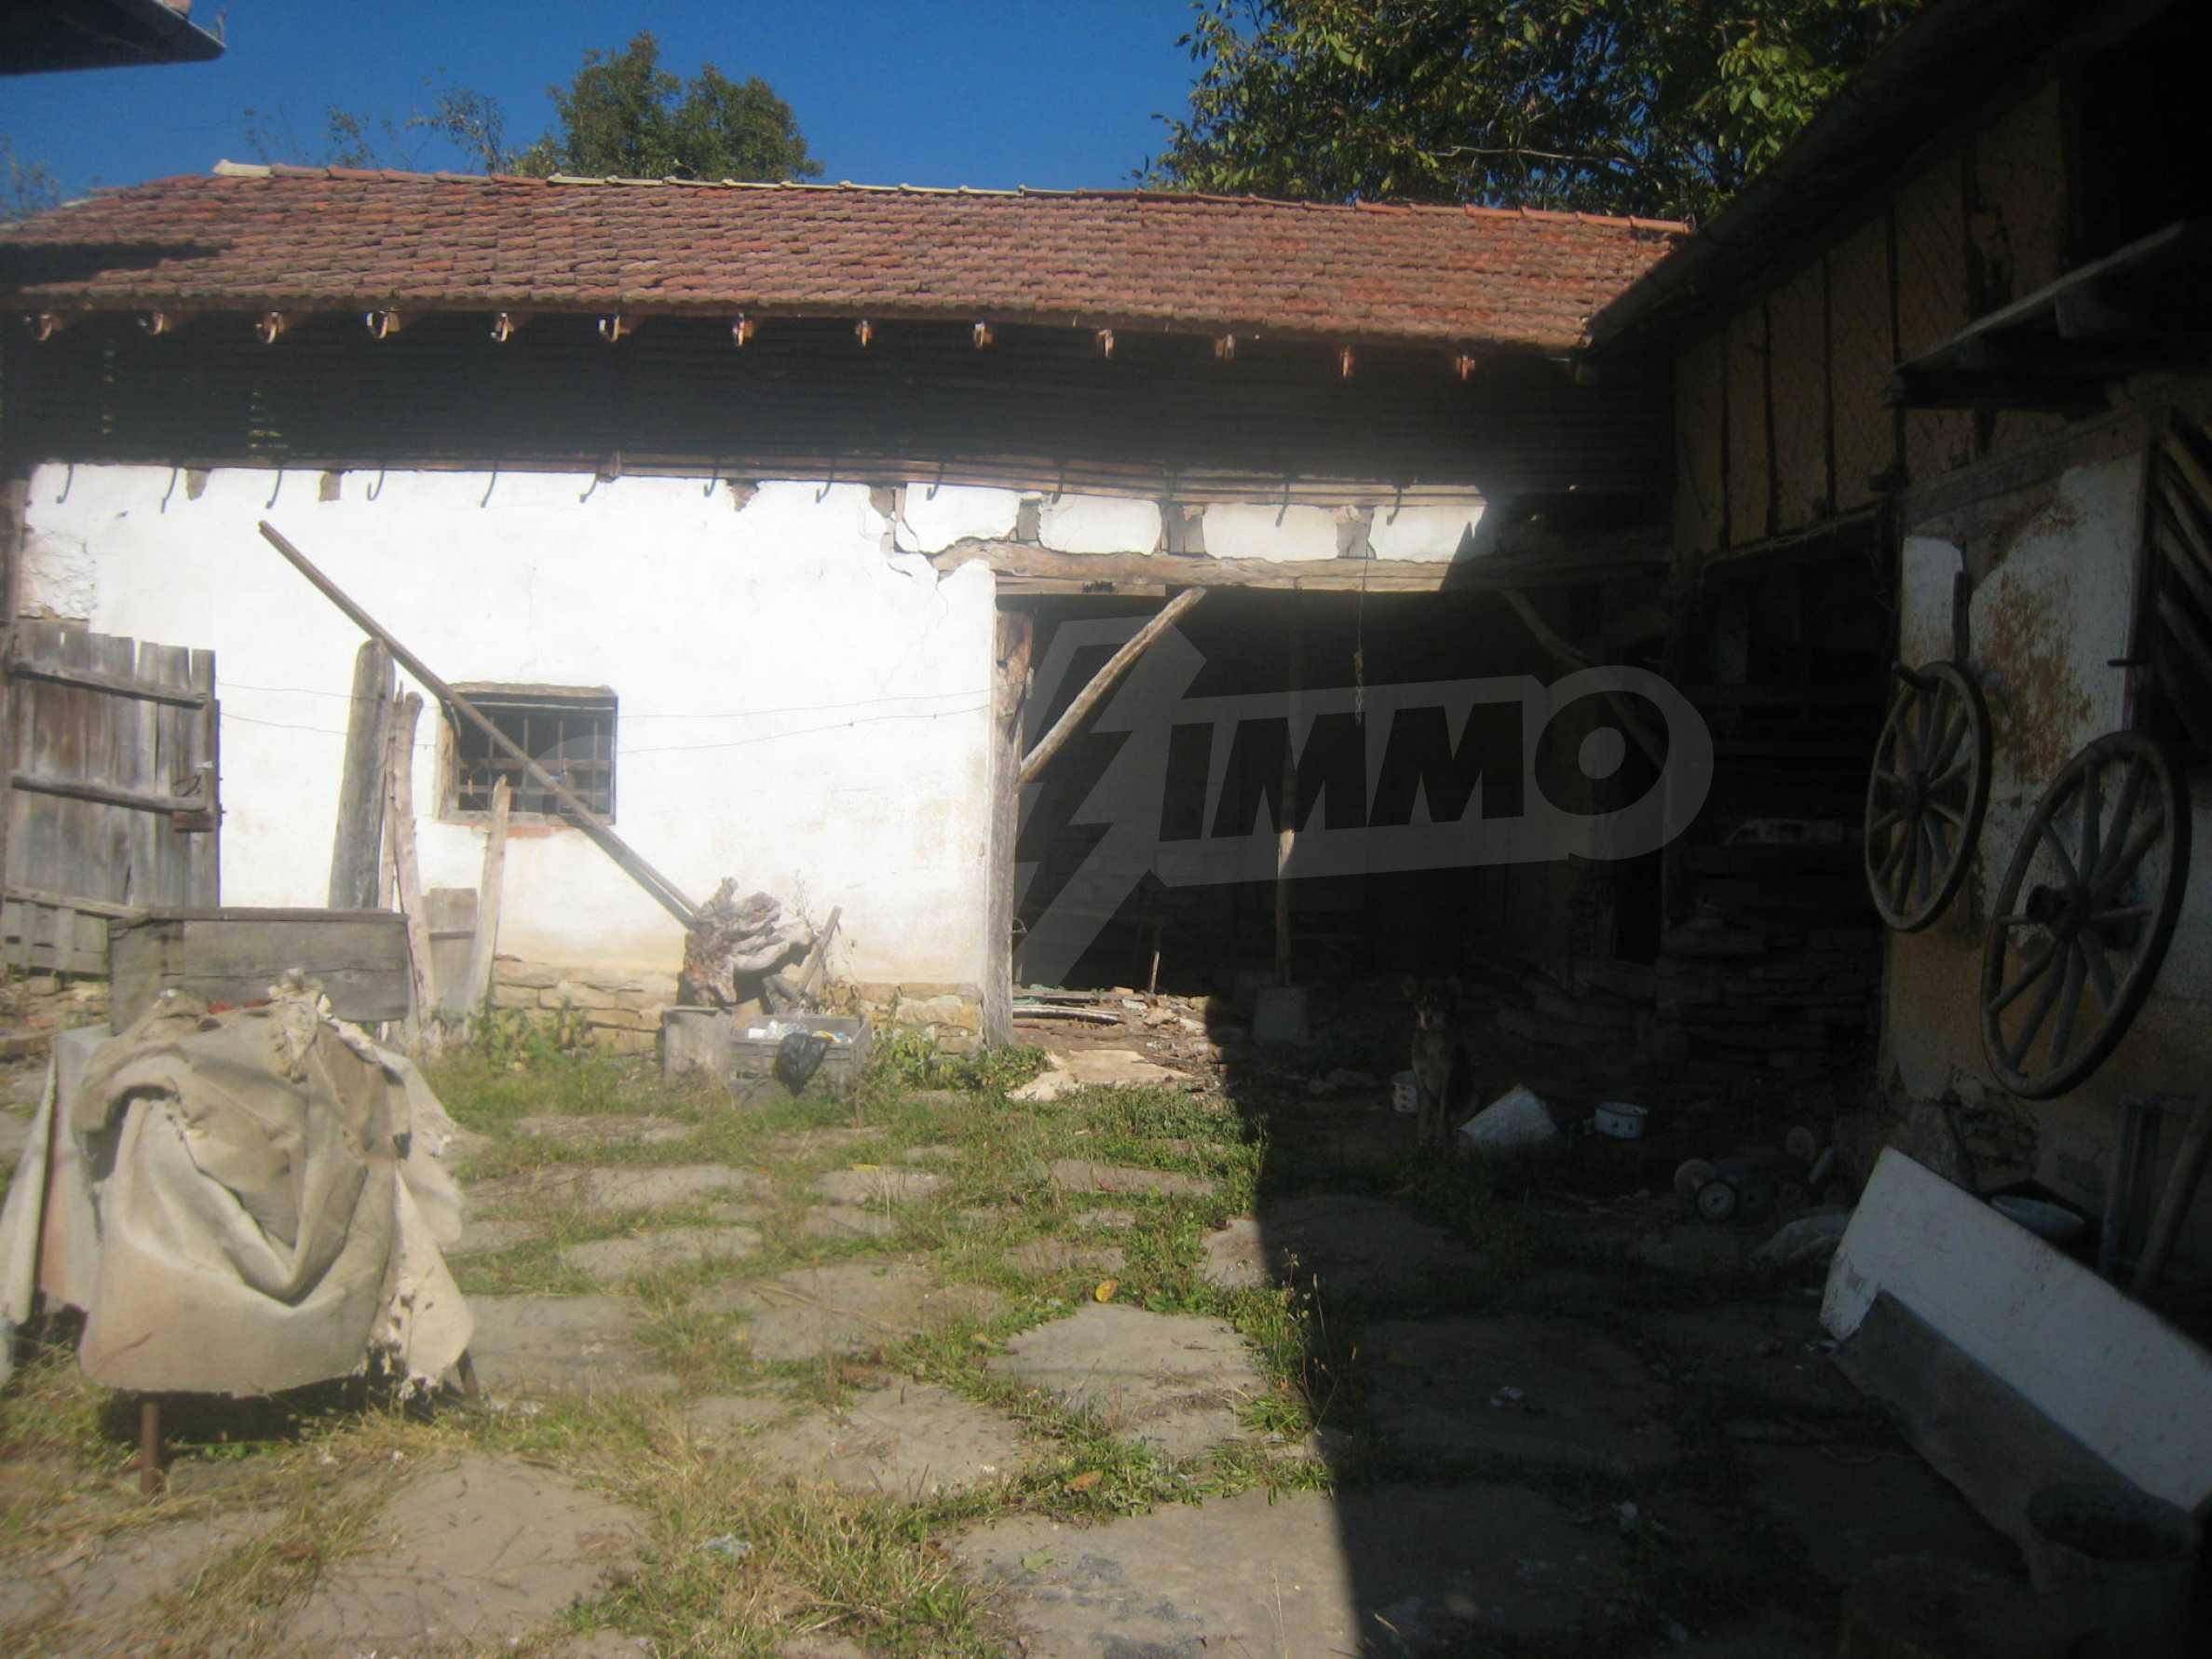 Traditionelles bulgarisches Haus in einem Dorf 9 km von Gabrovo entfernt 15